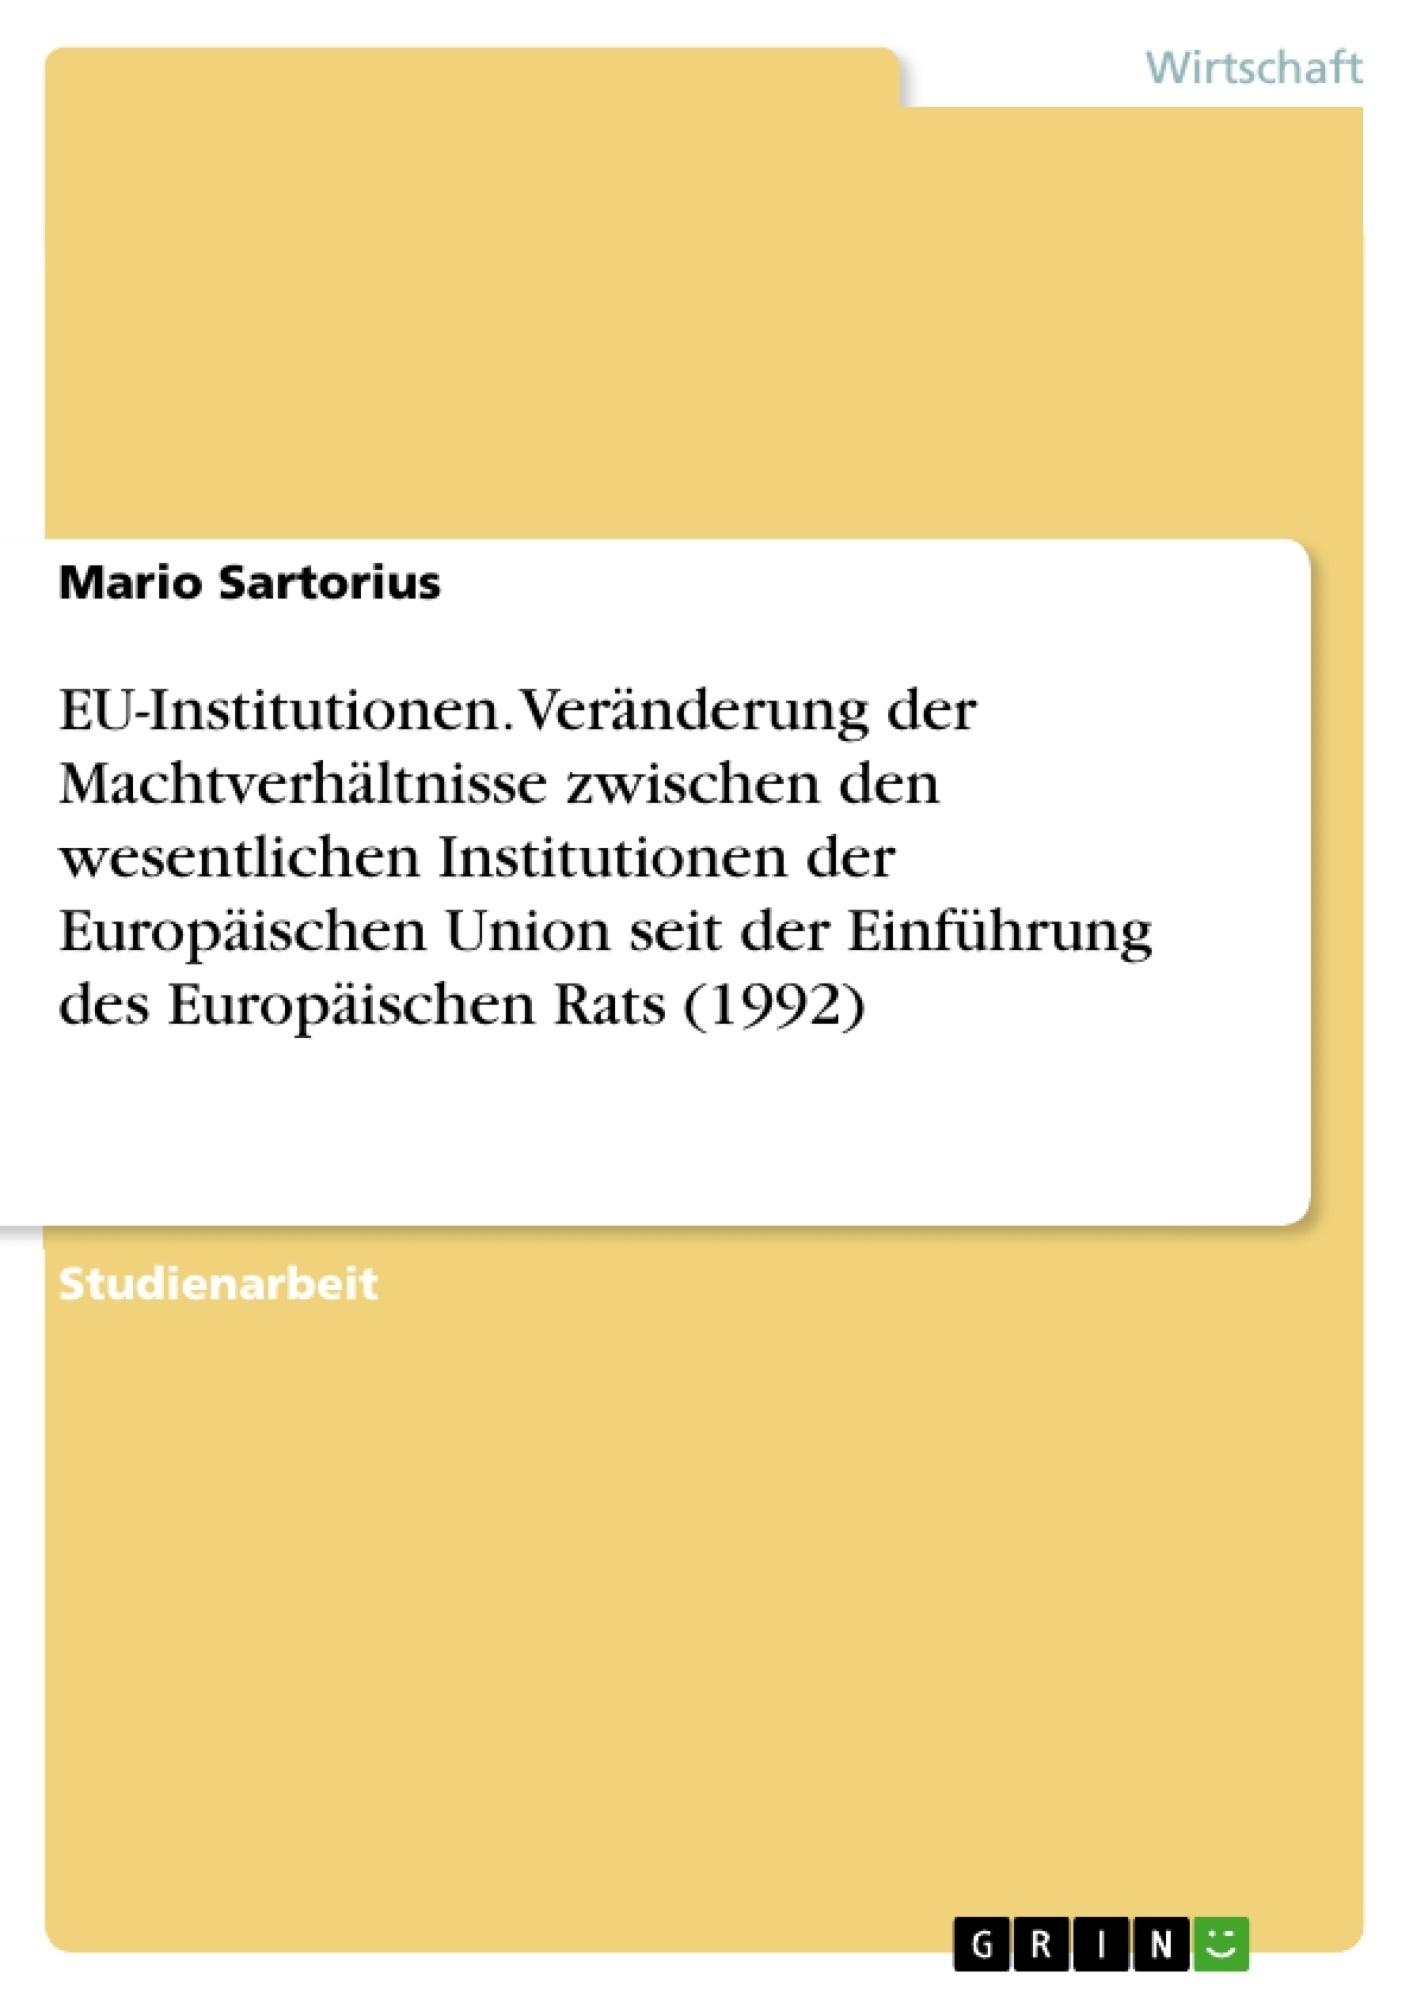 Titel: EU-Institutionen. Veränderung der Machtverhältnisse zwischen den wesentlichen Institutionen der Europäischen Union seit der Einführung des Europäischen Rats (1992)